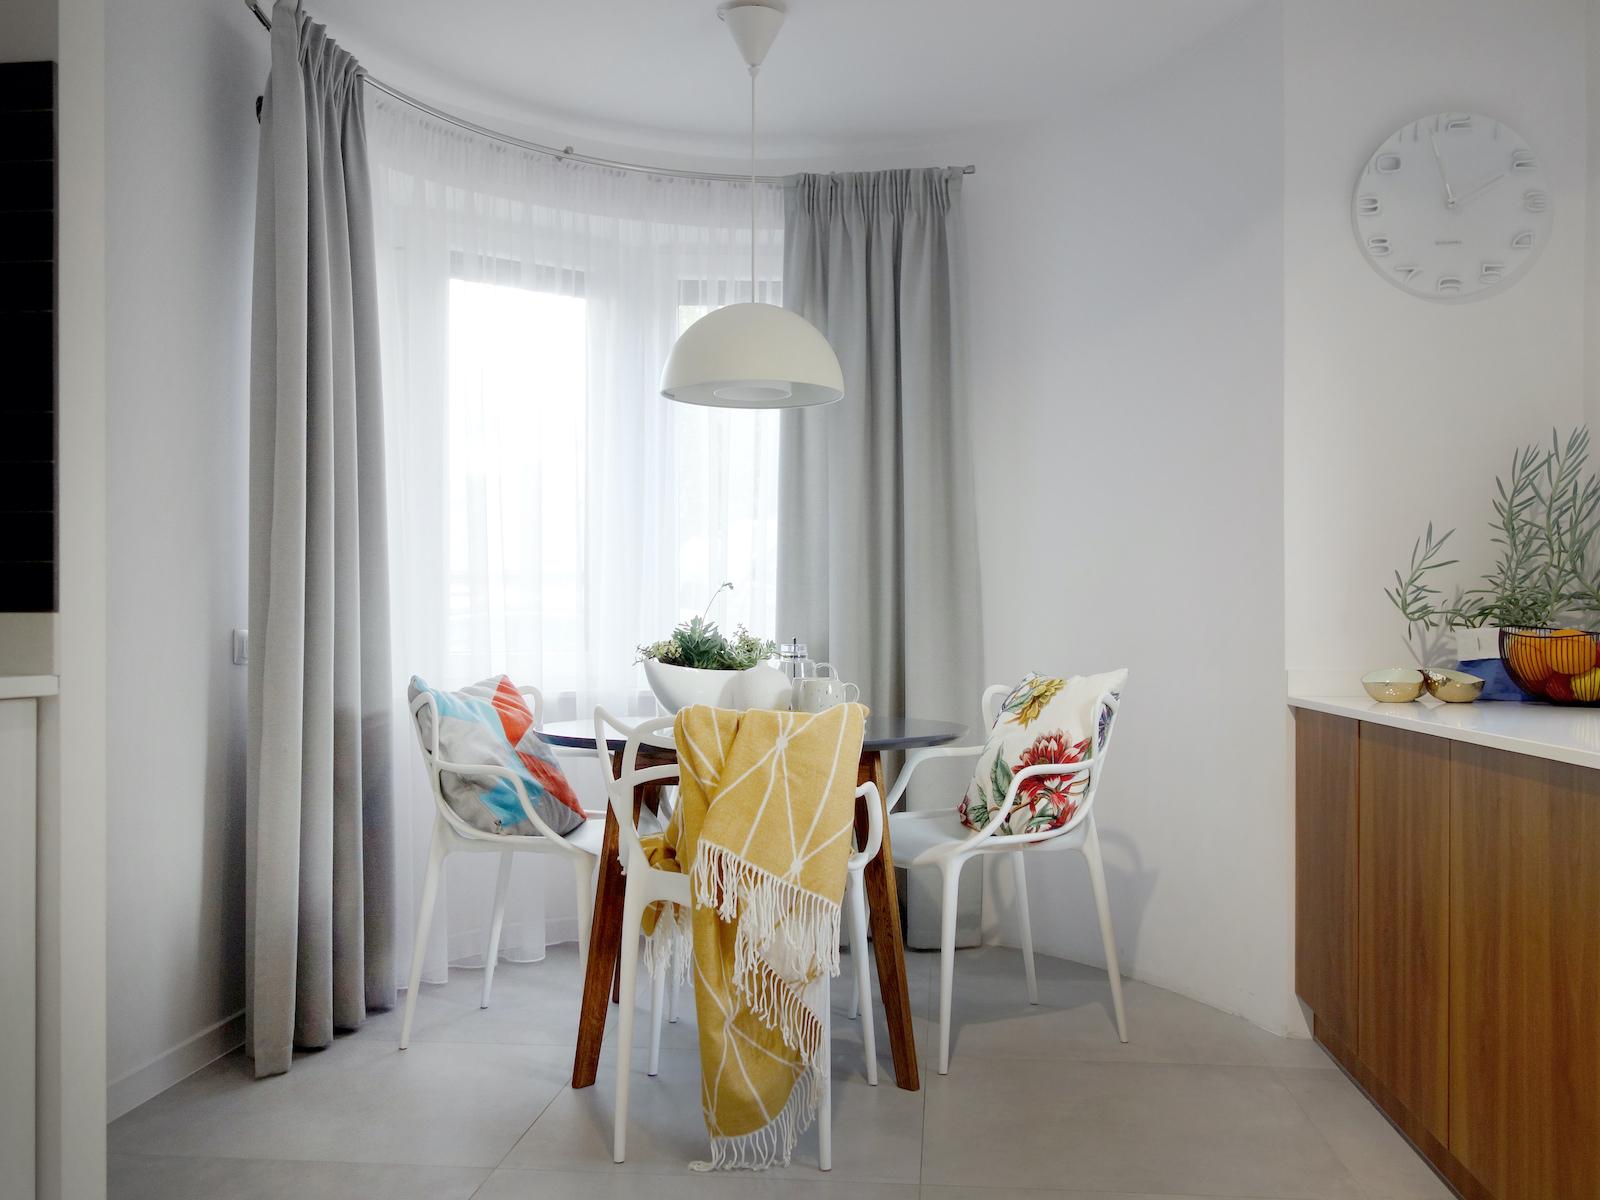 17 projektant wnetrz R056 dom dabrowa gornicza kuchnia z kacikiem jadalnianym okragly stol biale krzesla